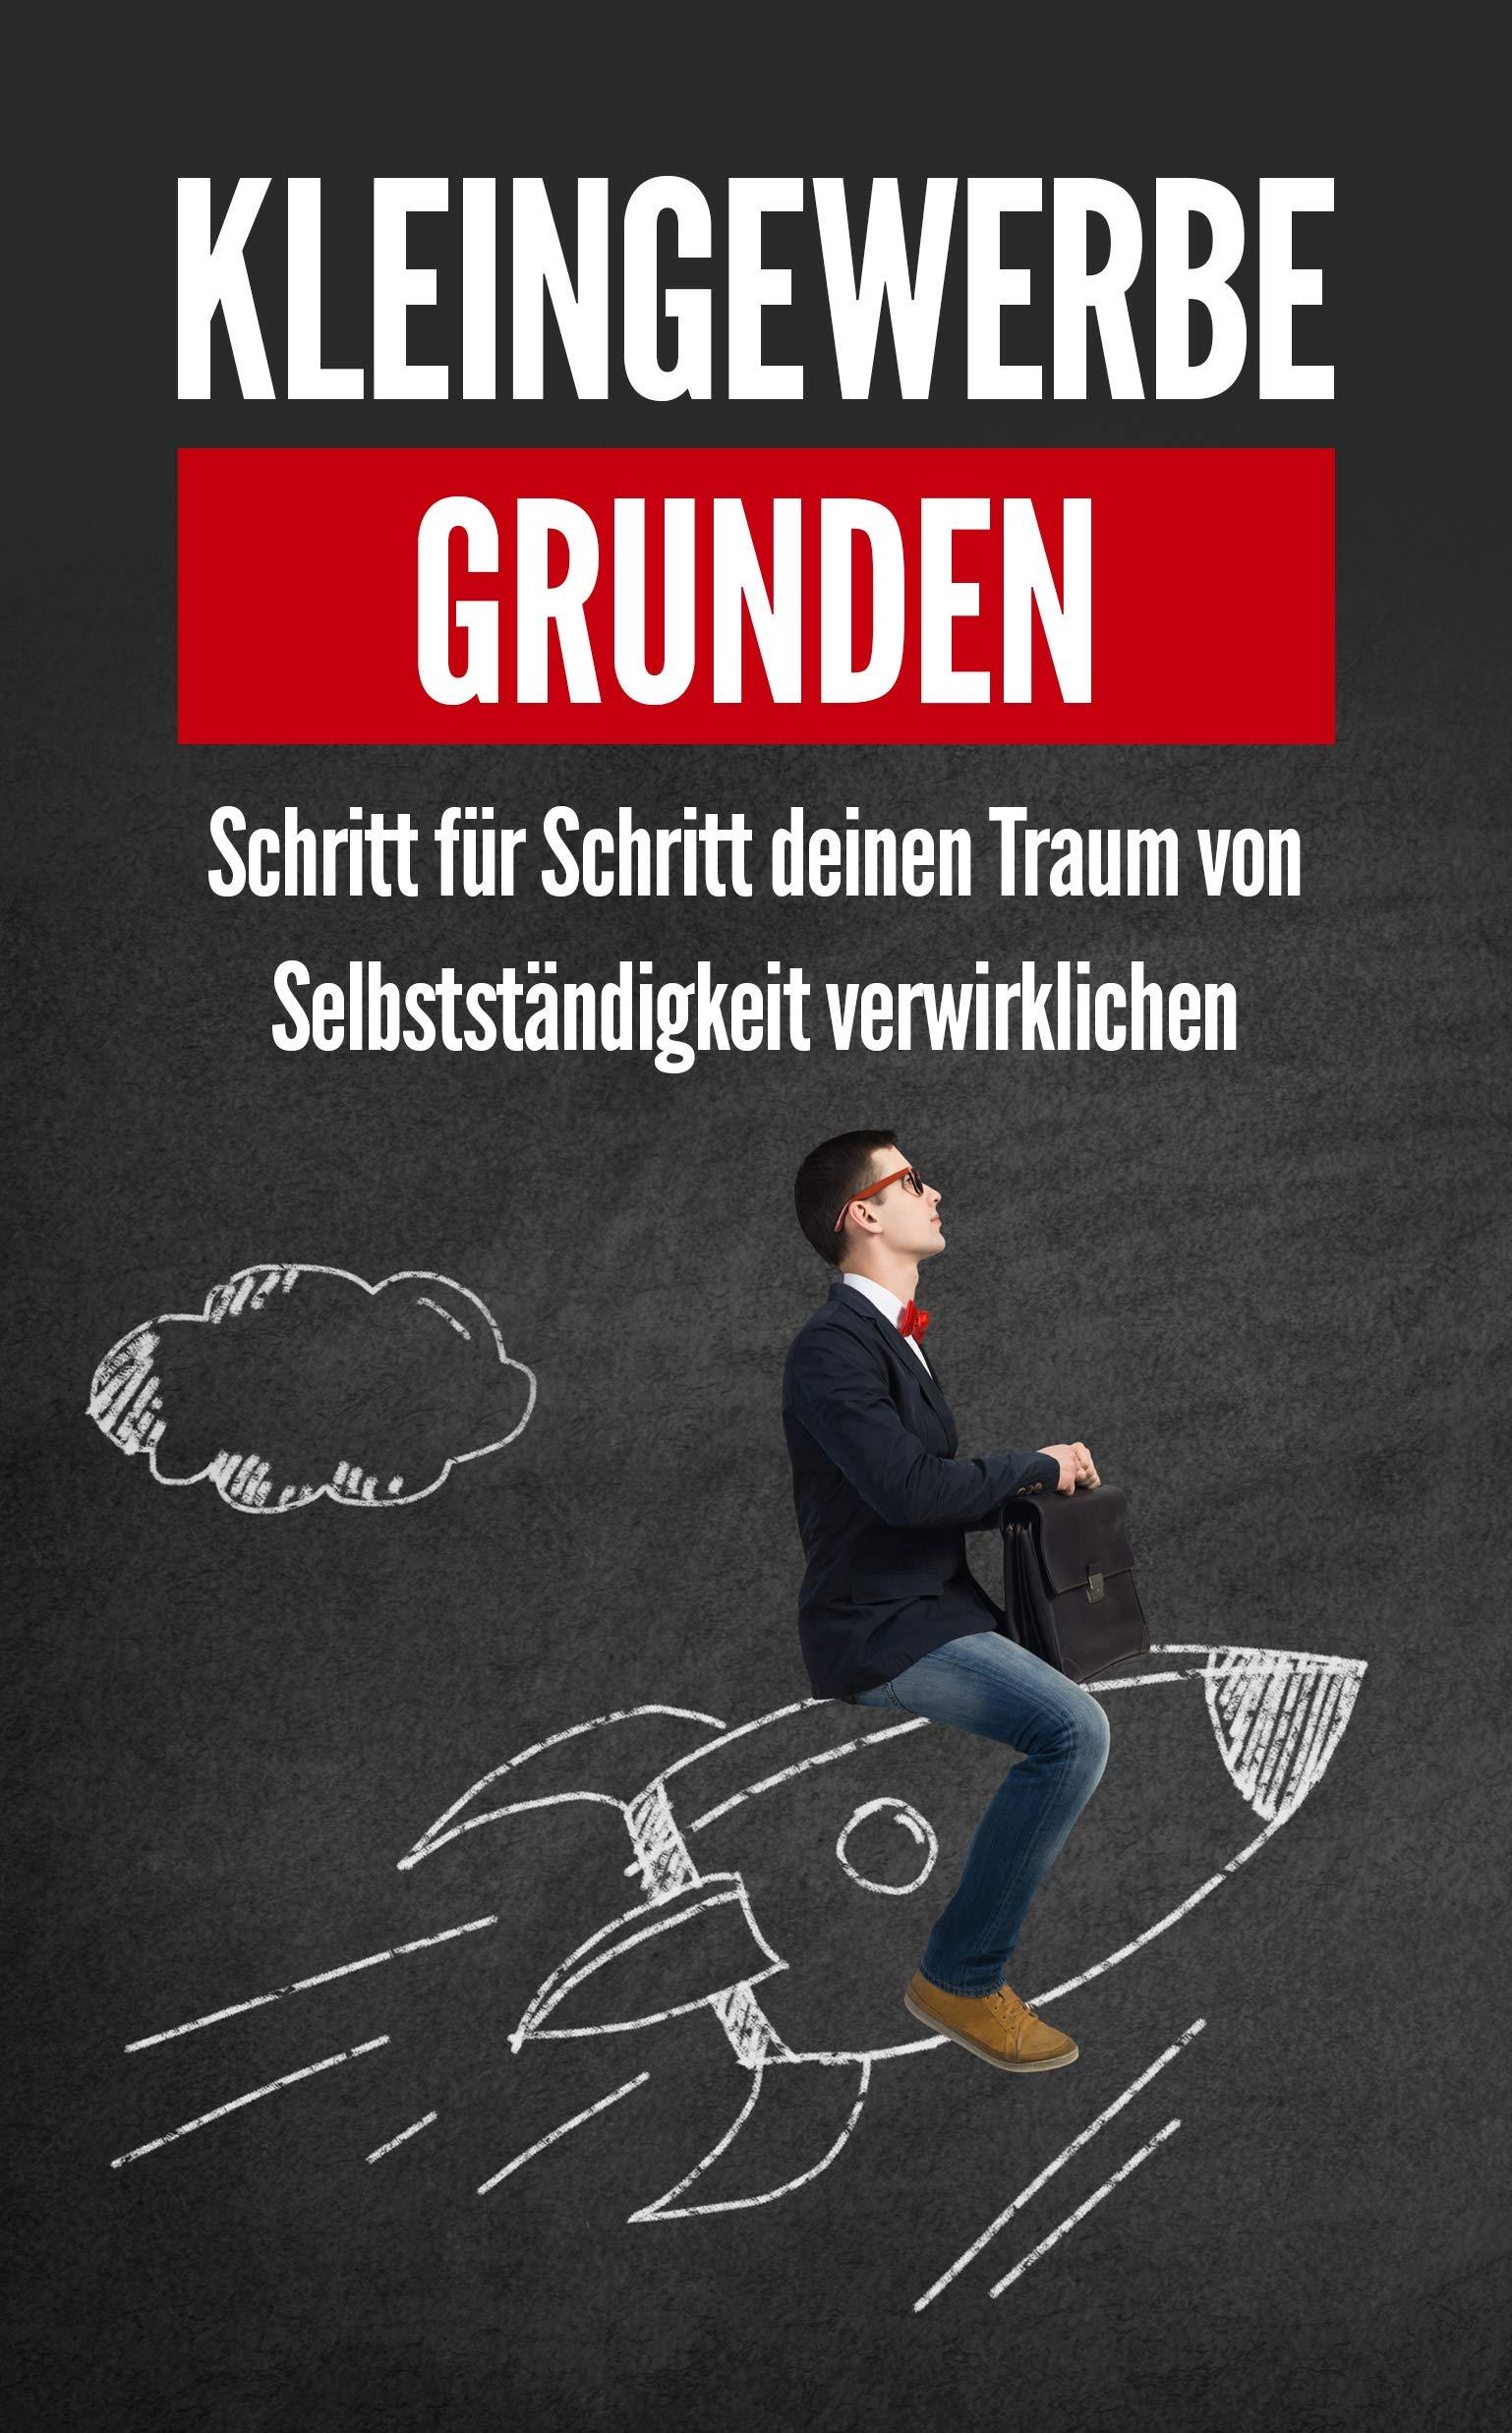 Kleingewerbe gründen: Schritt für Schritt deinen Traum von Selbstständigkeit verwirklichen (German Edition)